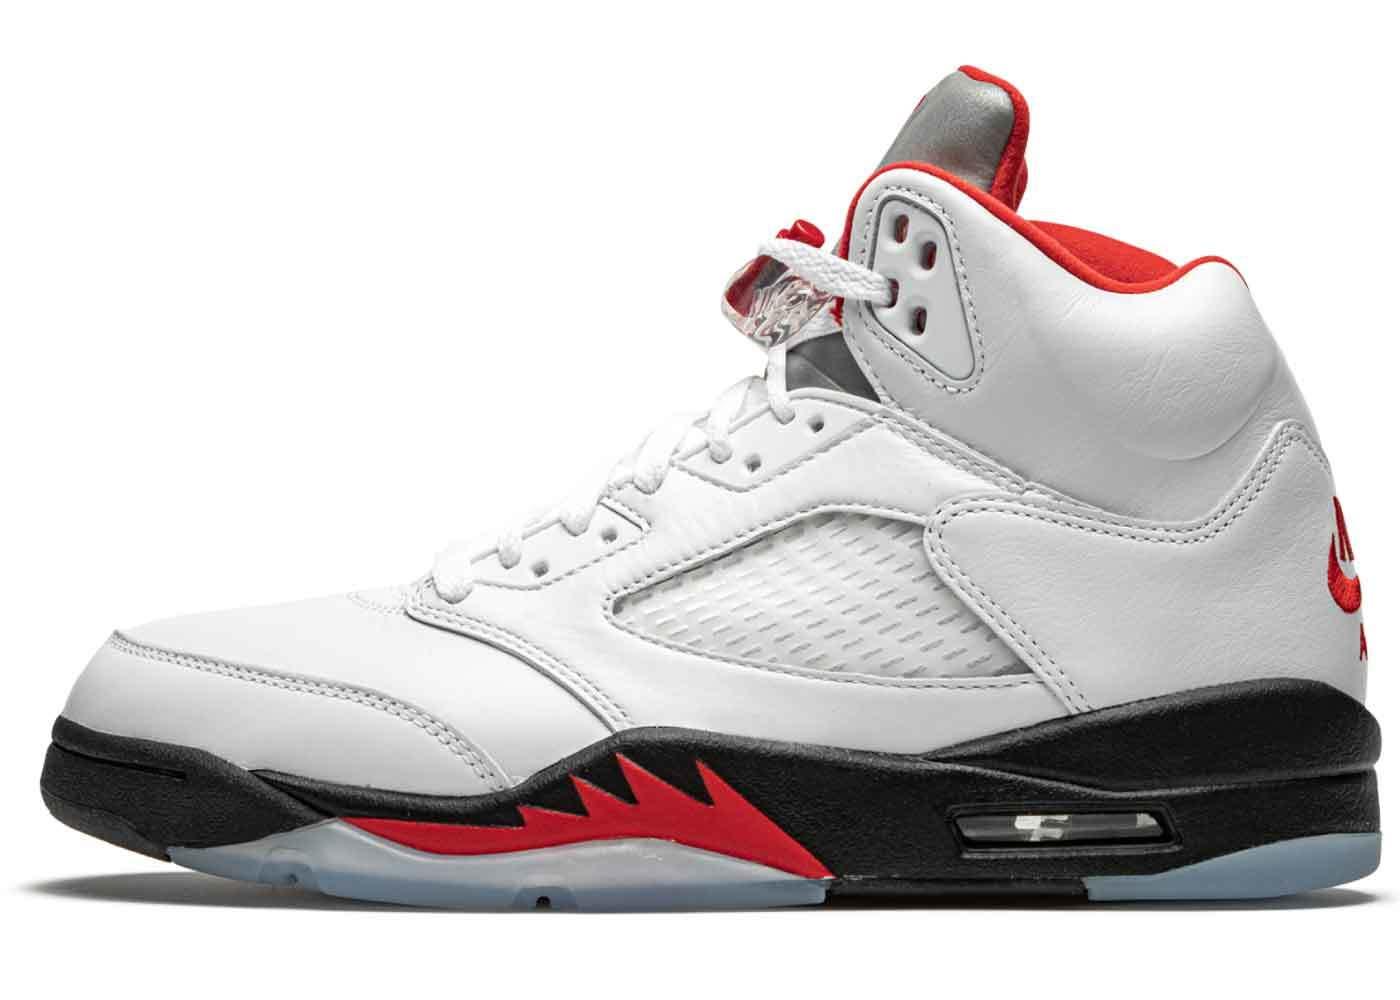 Nike Air Jordan 5 Retro OG Fire Redの写真